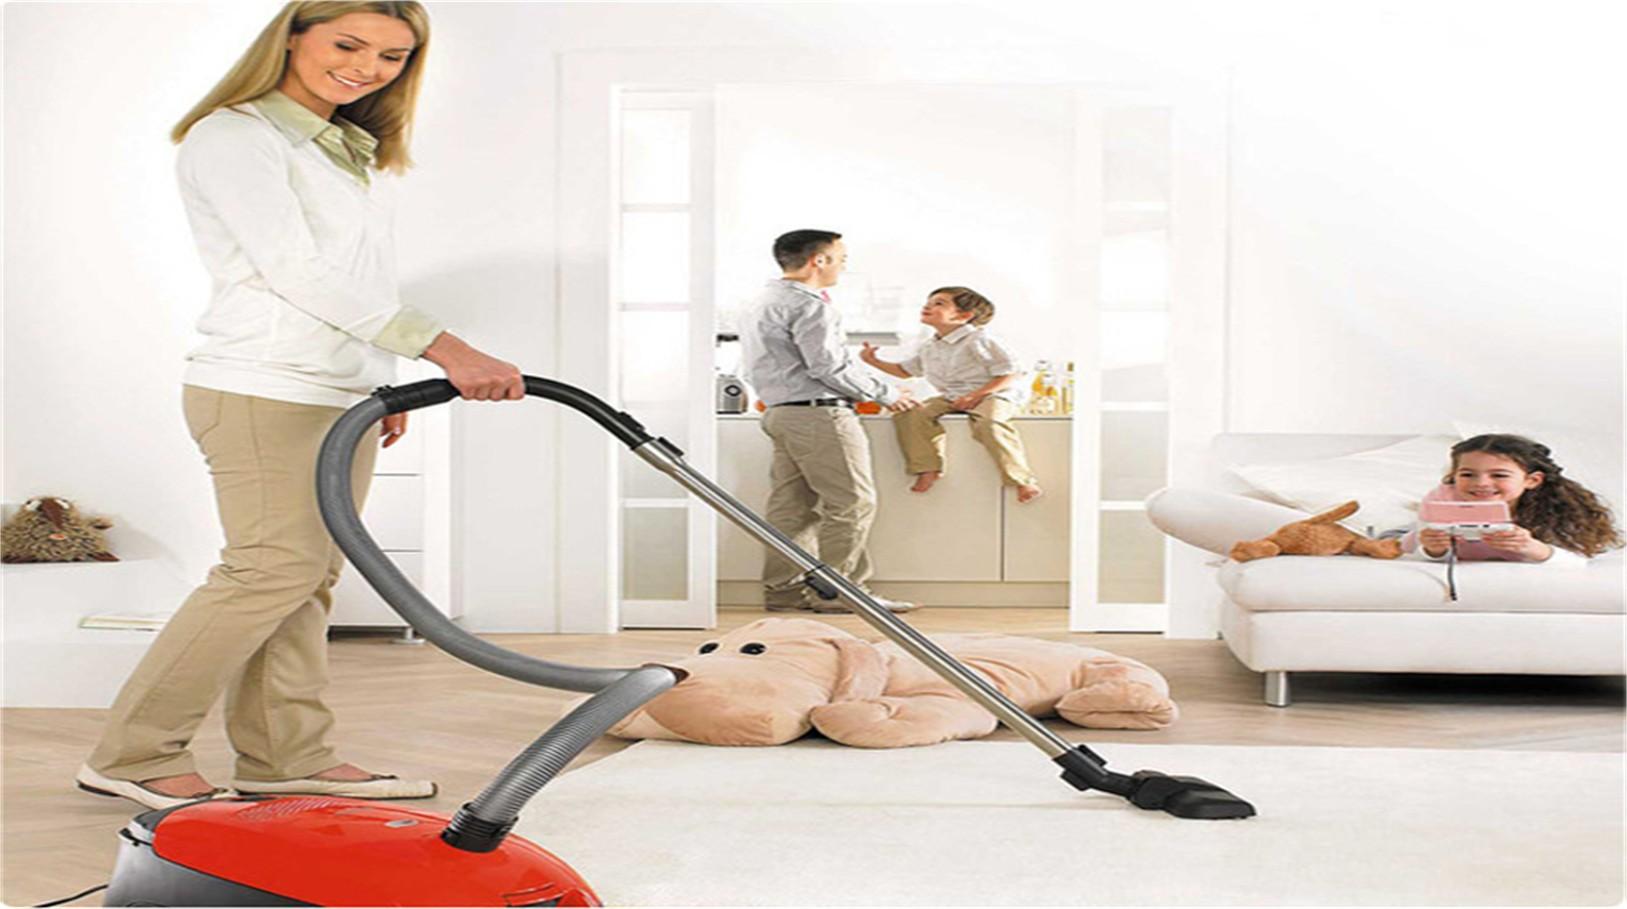 اهمیت پاکت جاروبرقی در نظافت و سلامت خانه